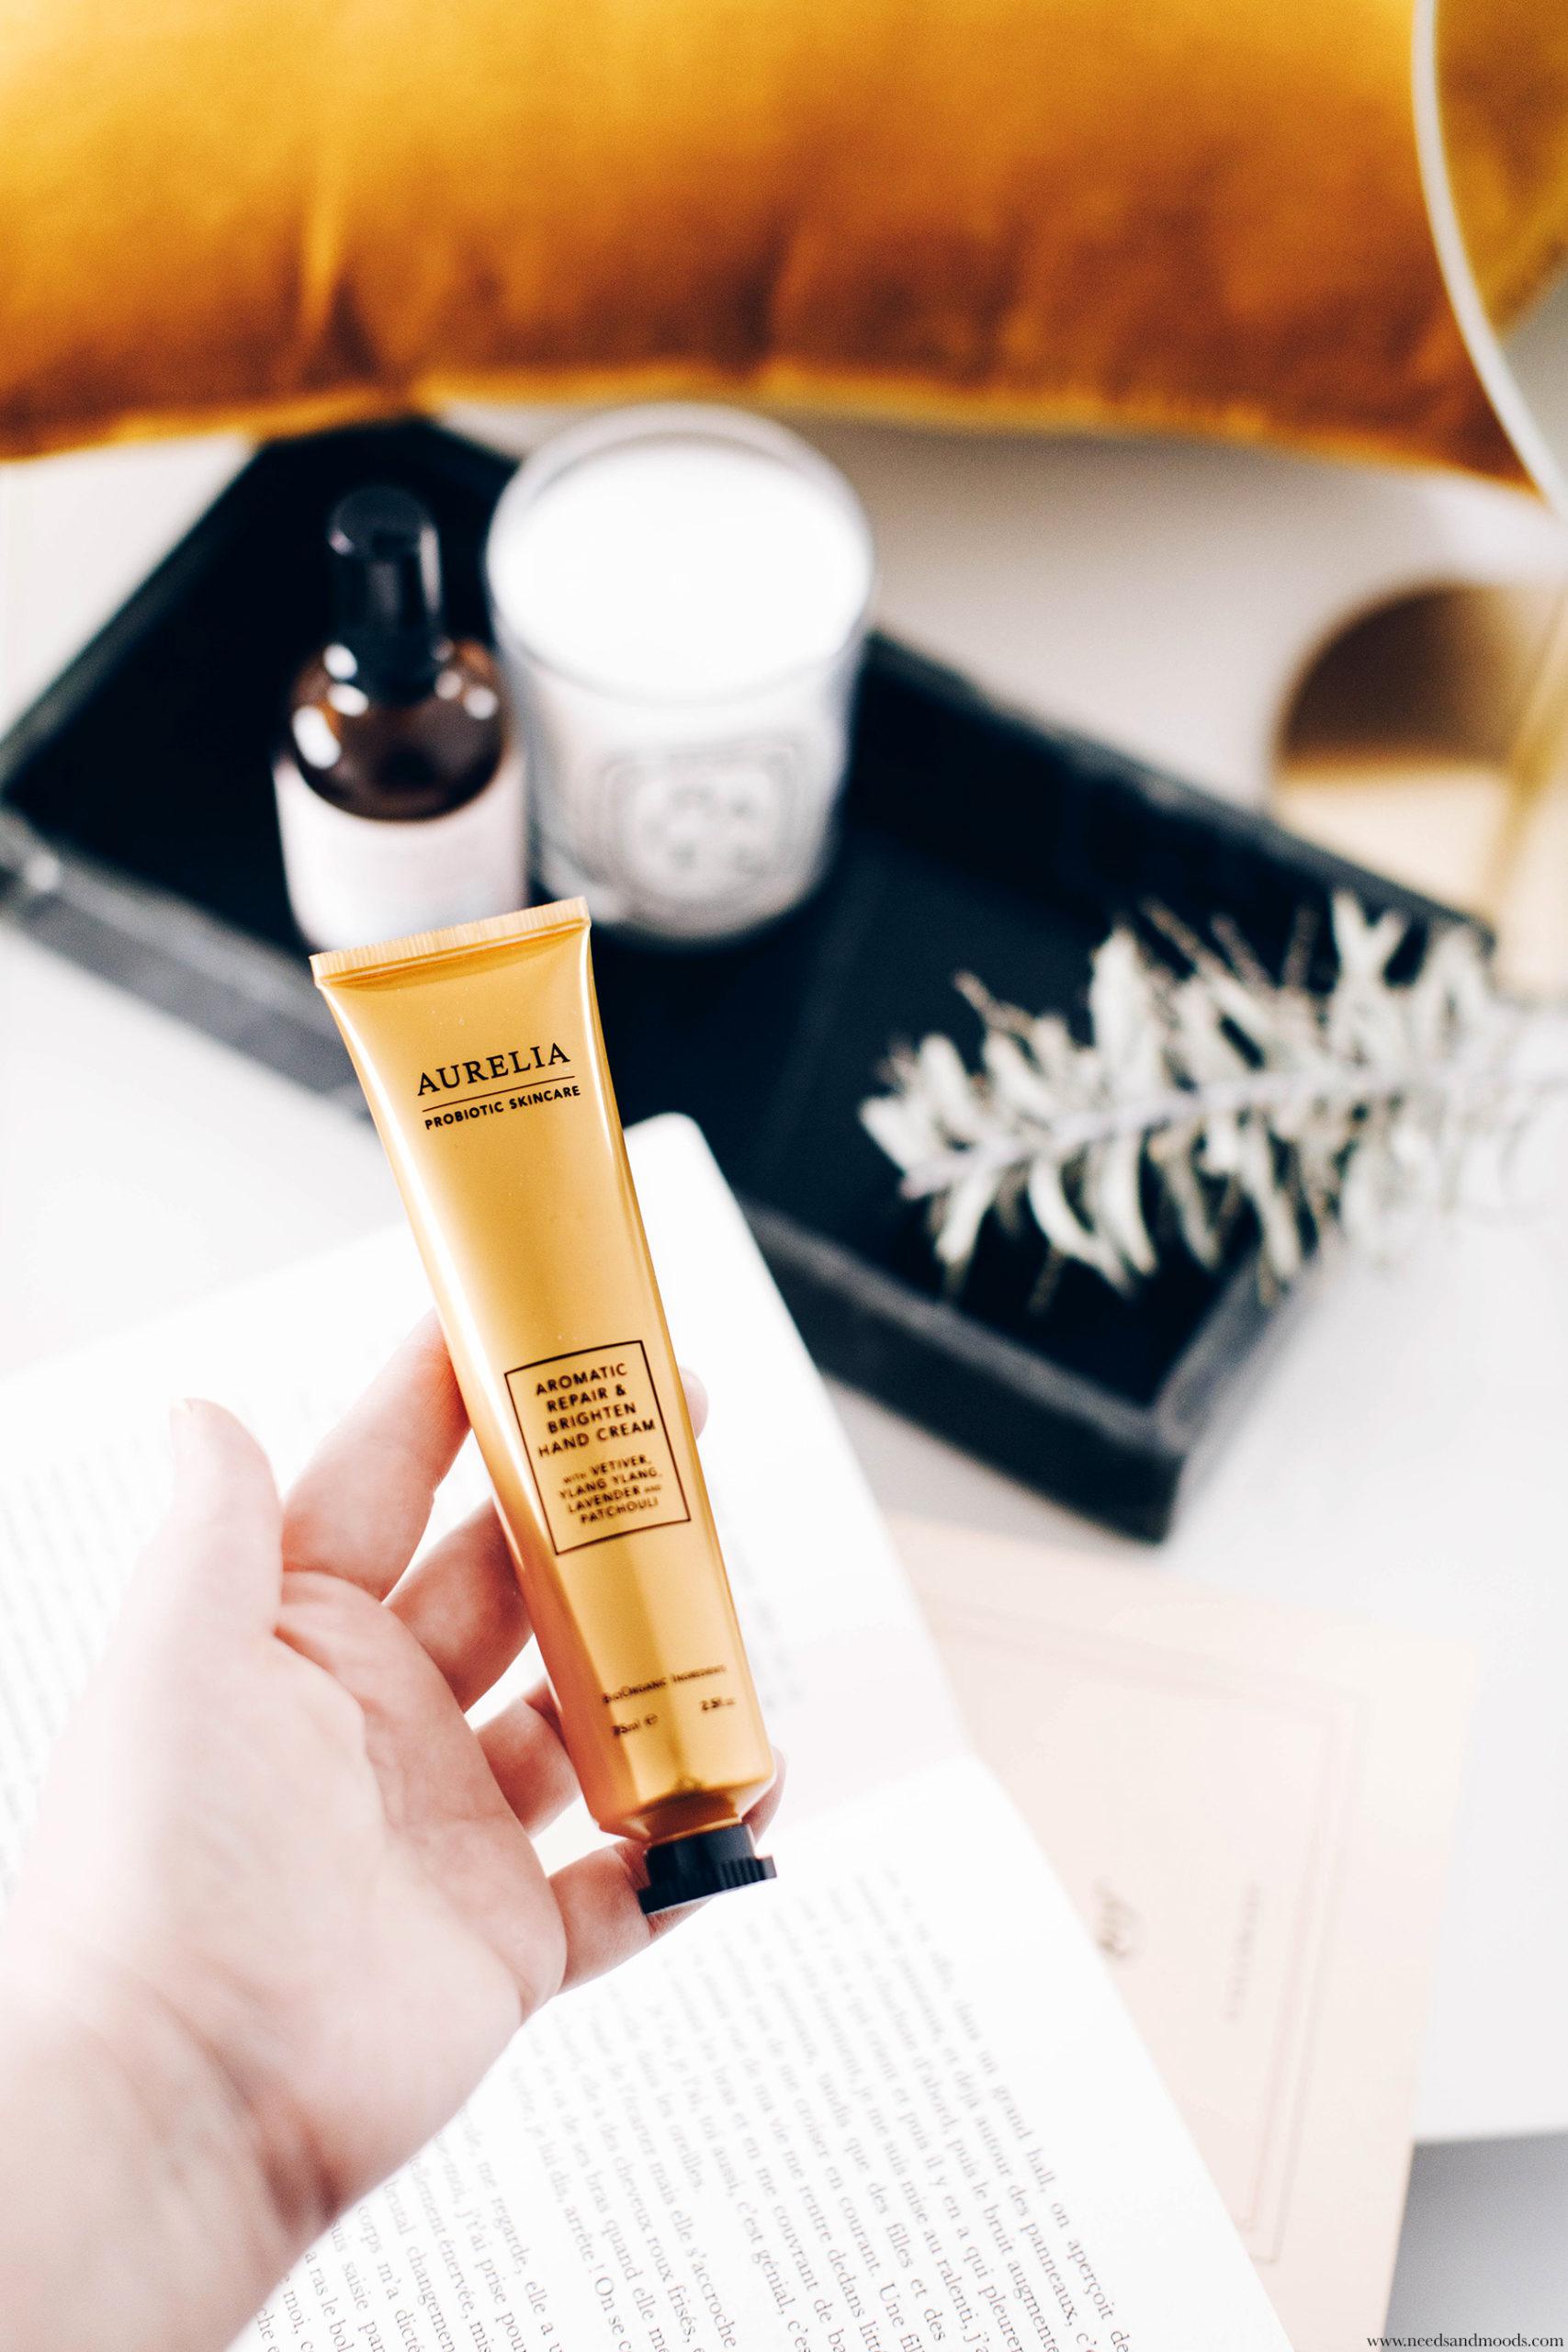 aromatic repair brighten hand cream aurelia london